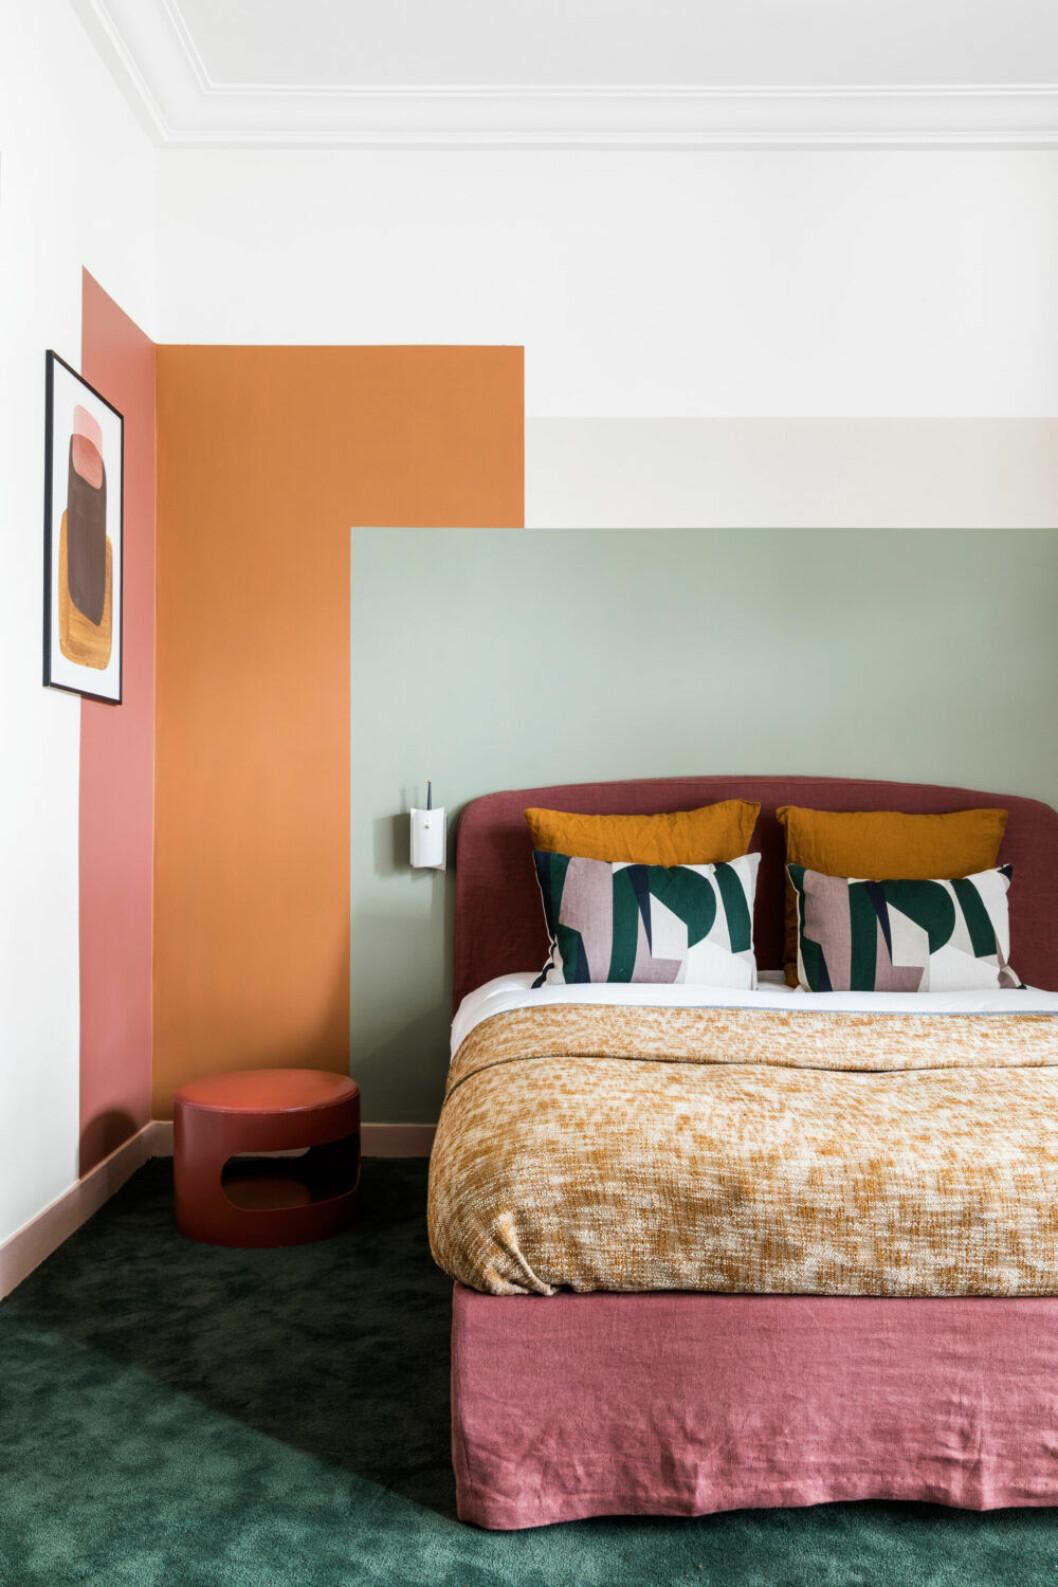 Färgglatt sovrum med orange-grön vägg och färgglada textilier på sängen